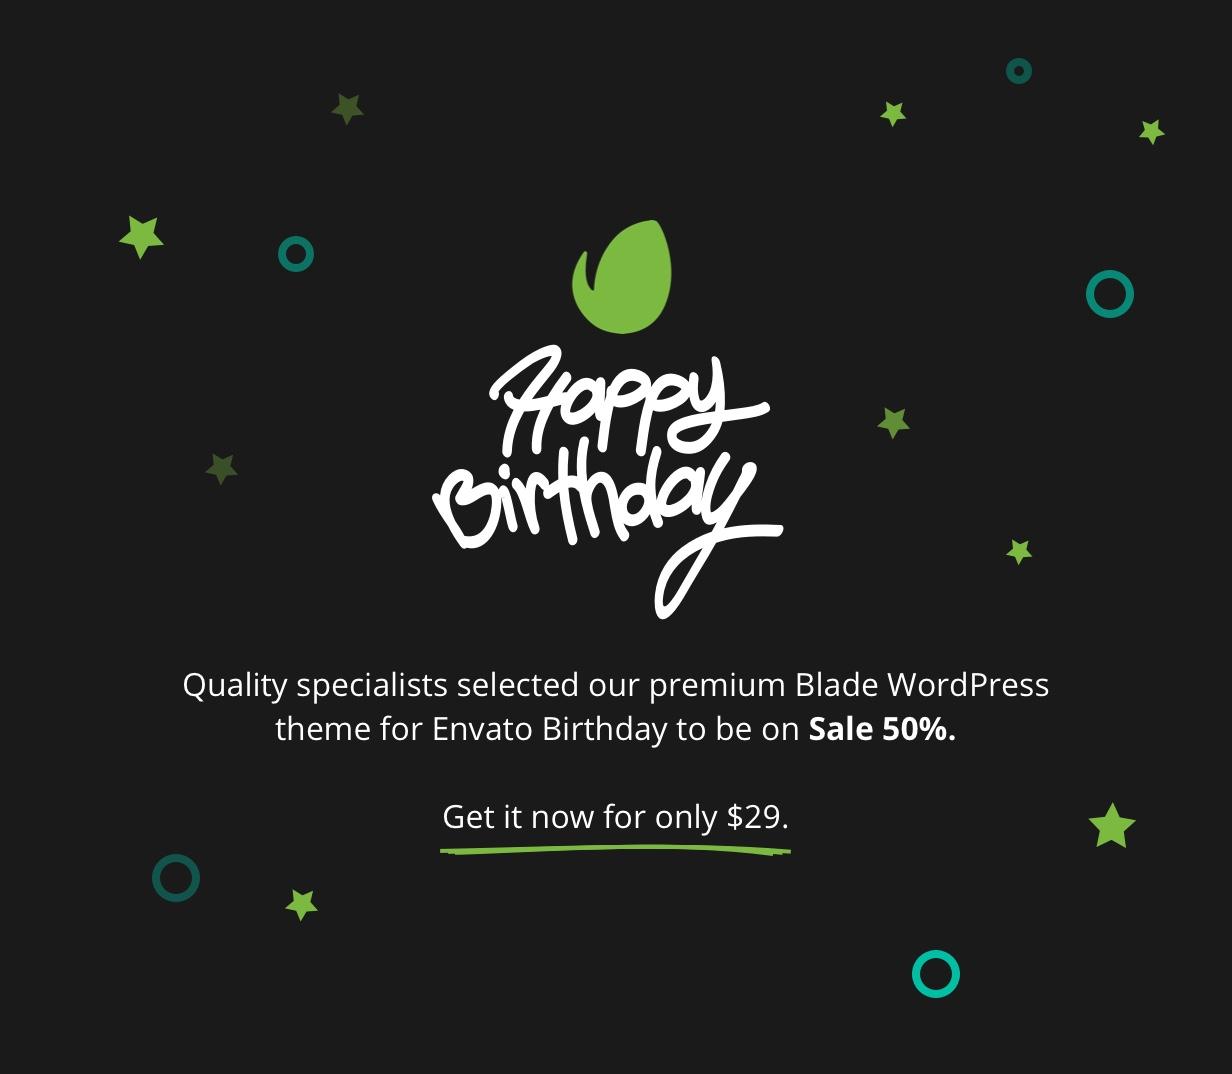 Envato Birthday Campaign